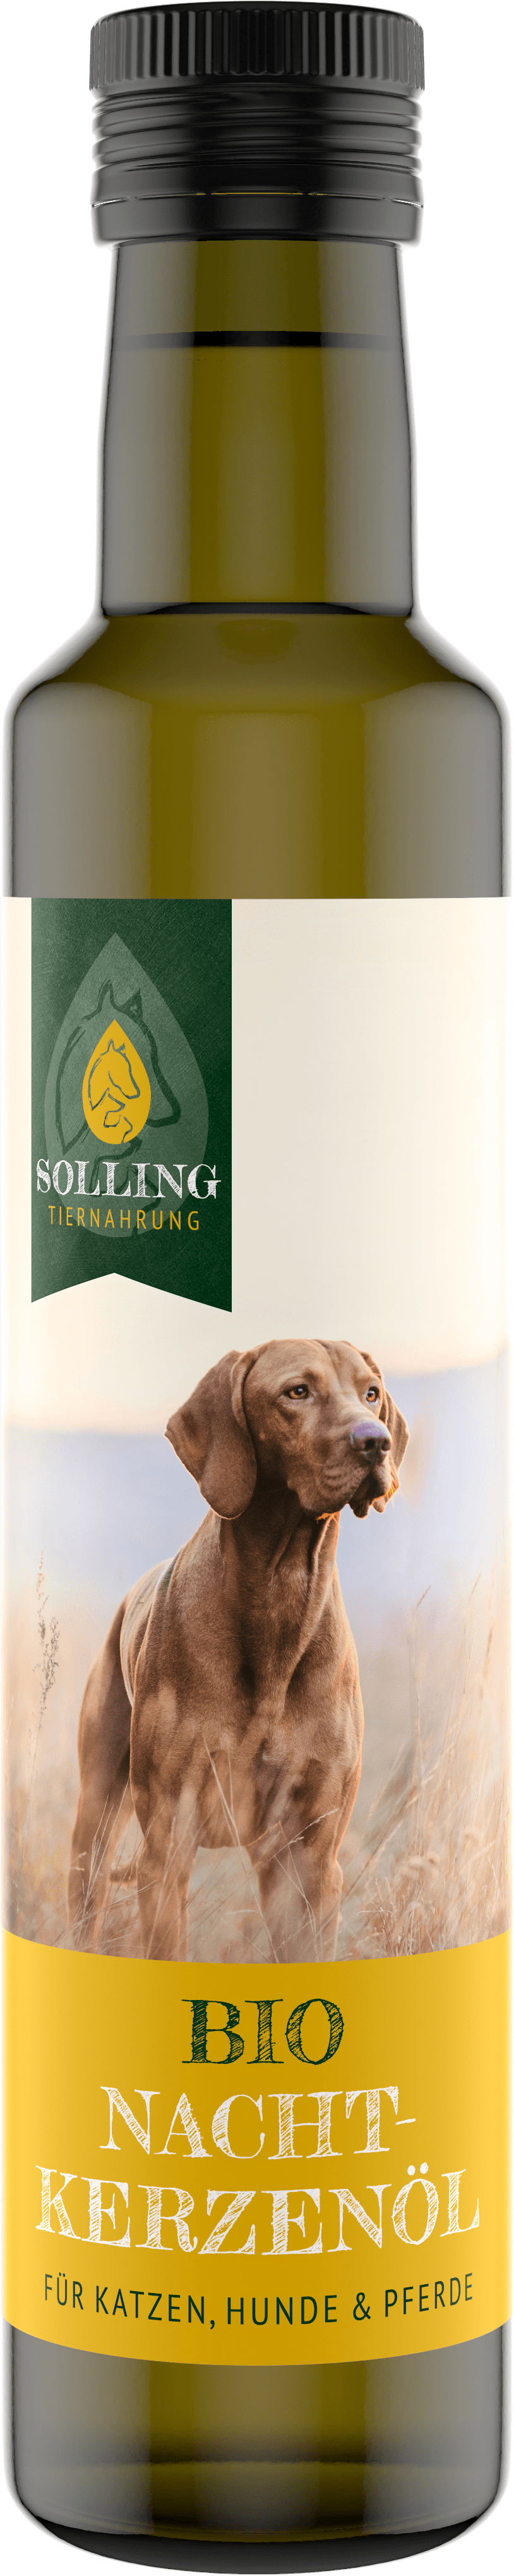 Nachtkerzenöl für Tiere Futterergänzung für Hunde